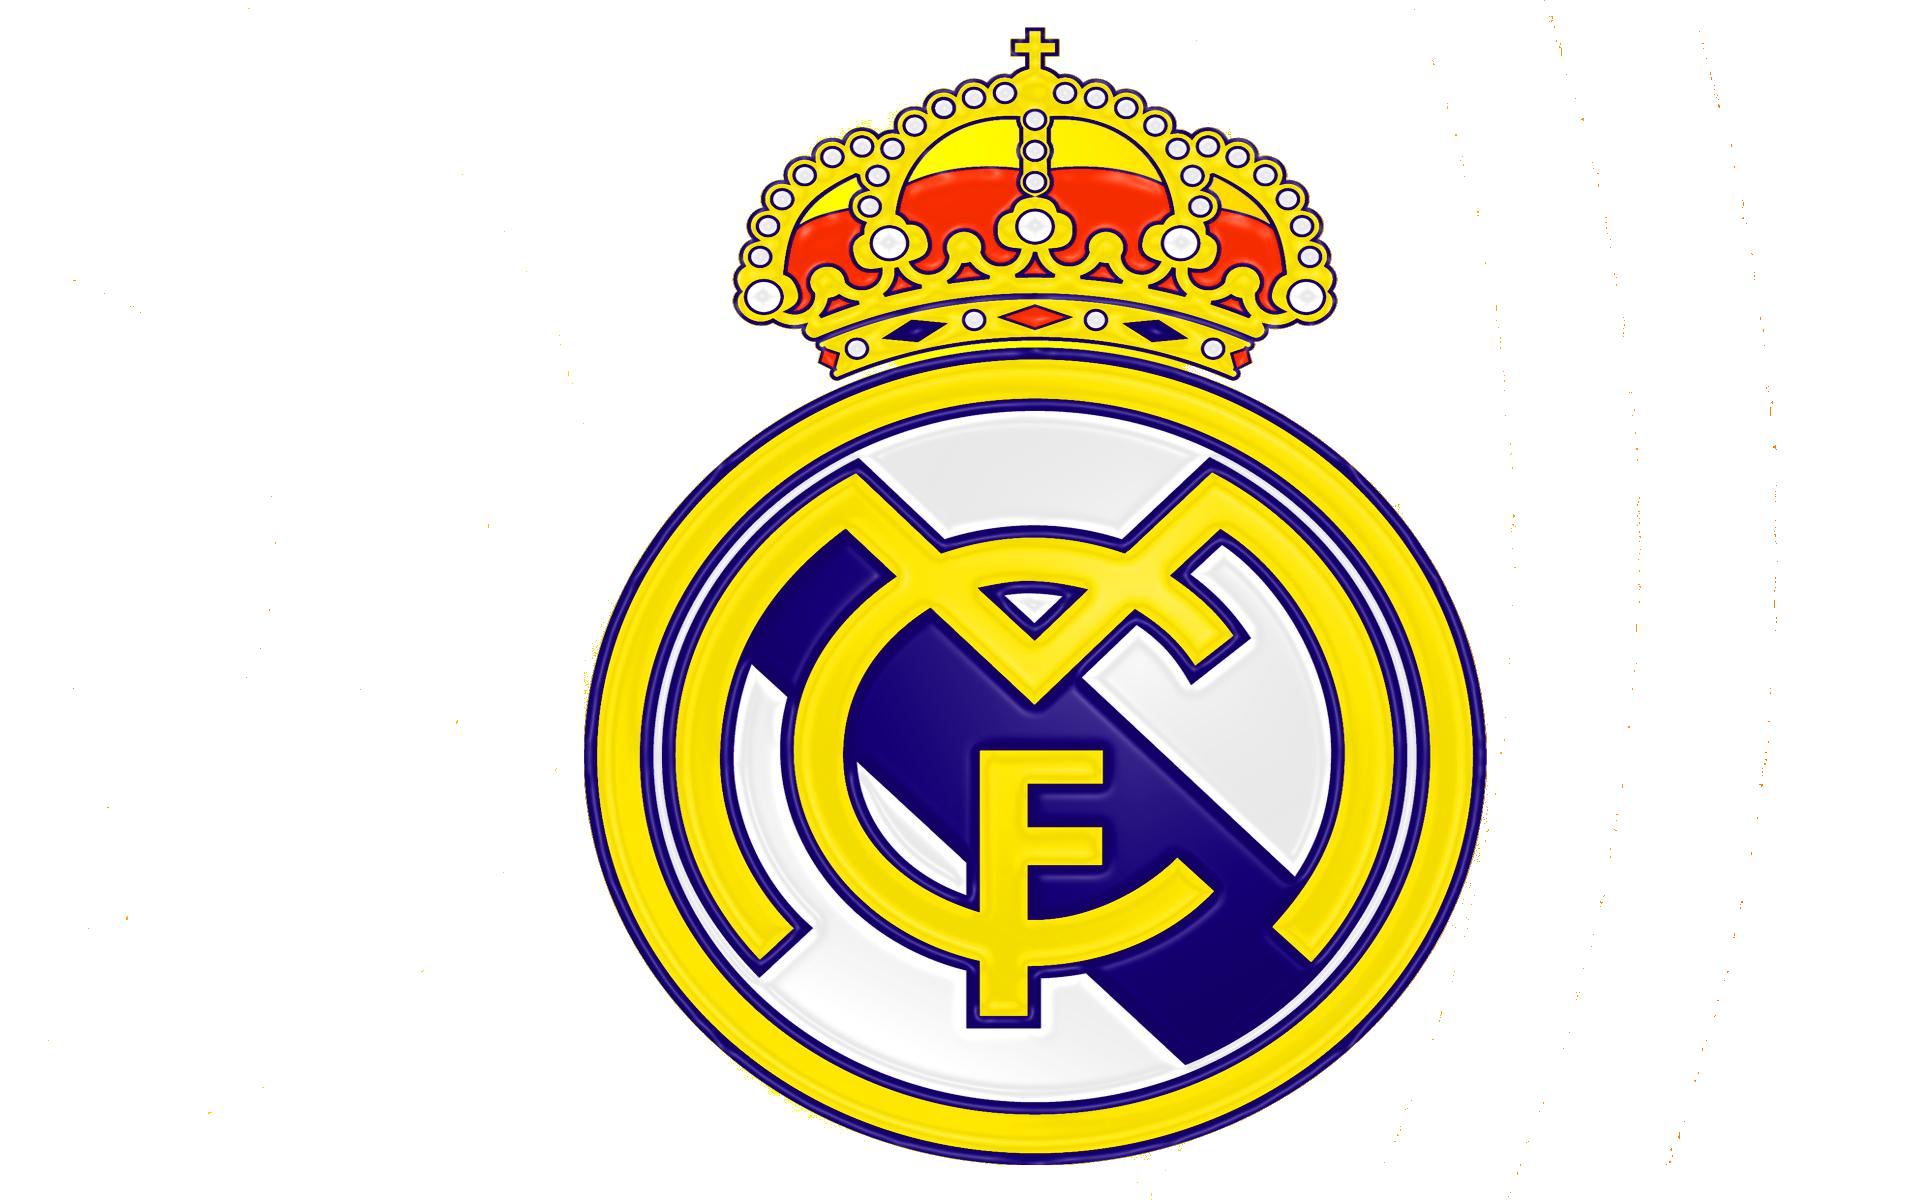 logo real madrid cf image 24645